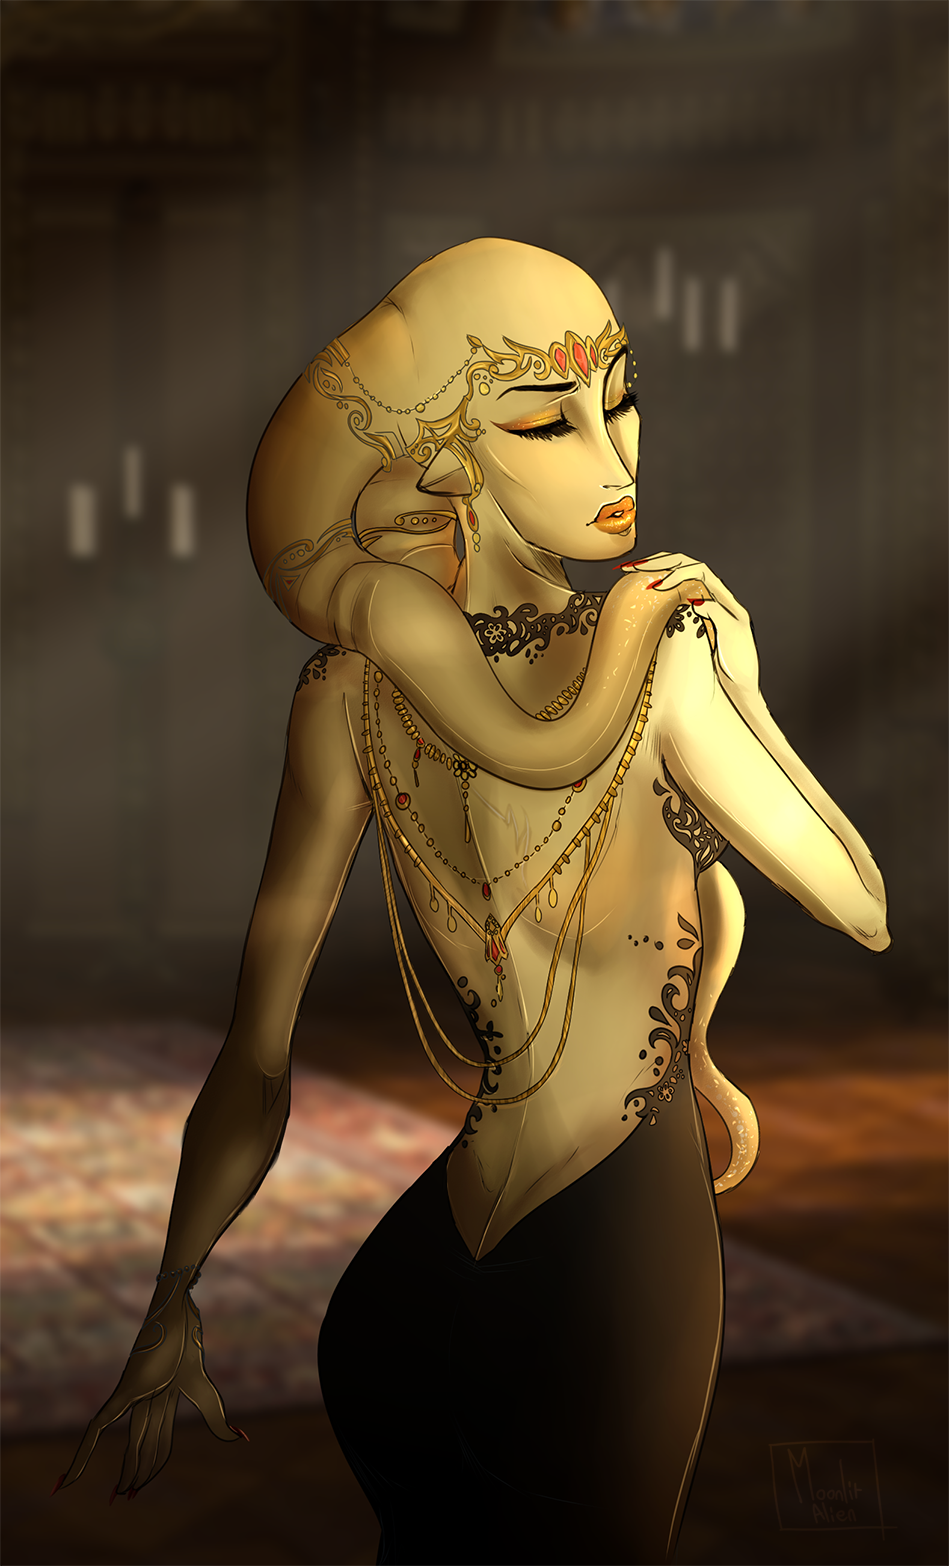 the_queen_s_secret_by_moonlitalien-dbuha